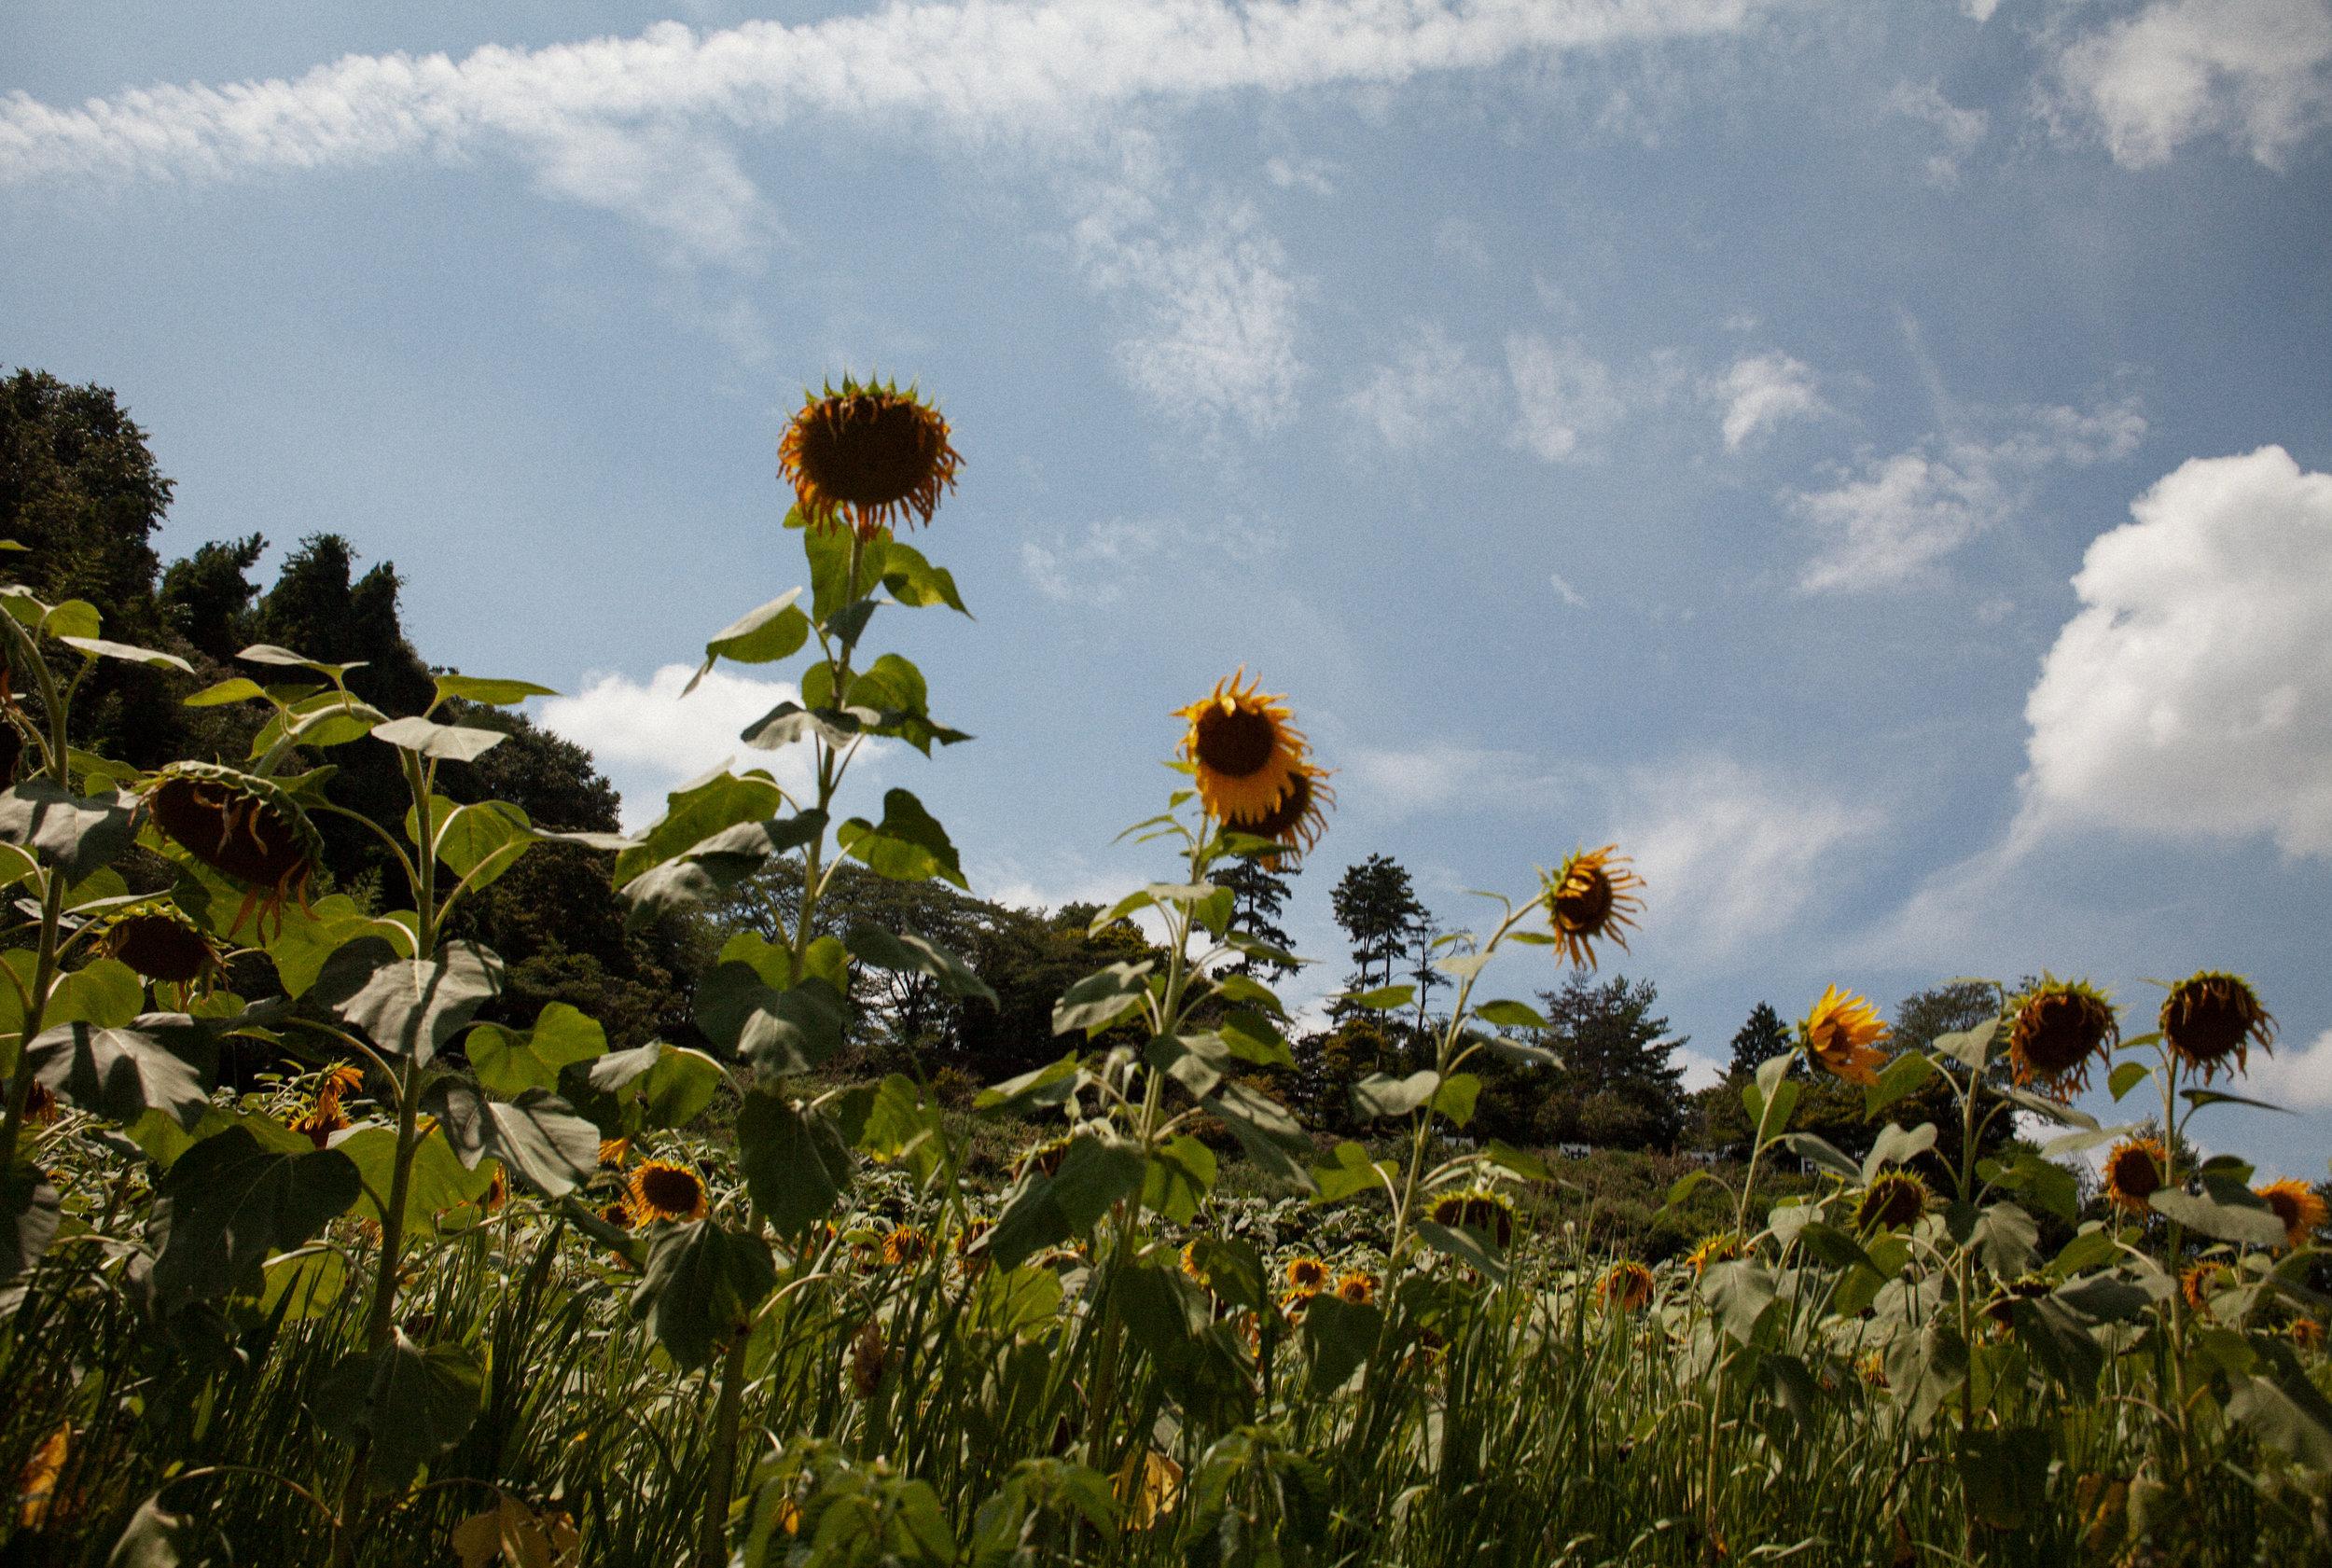 ヒマワリは かなしき花と なりにけり 汚染の土地に あまた咲きいてsunflowersnow have becomeflowers of sorrow –so many are bloomingon polluted land - 美原 凍子 (福島県 2011年9月)Toko Mihara, Fukushima September 2011